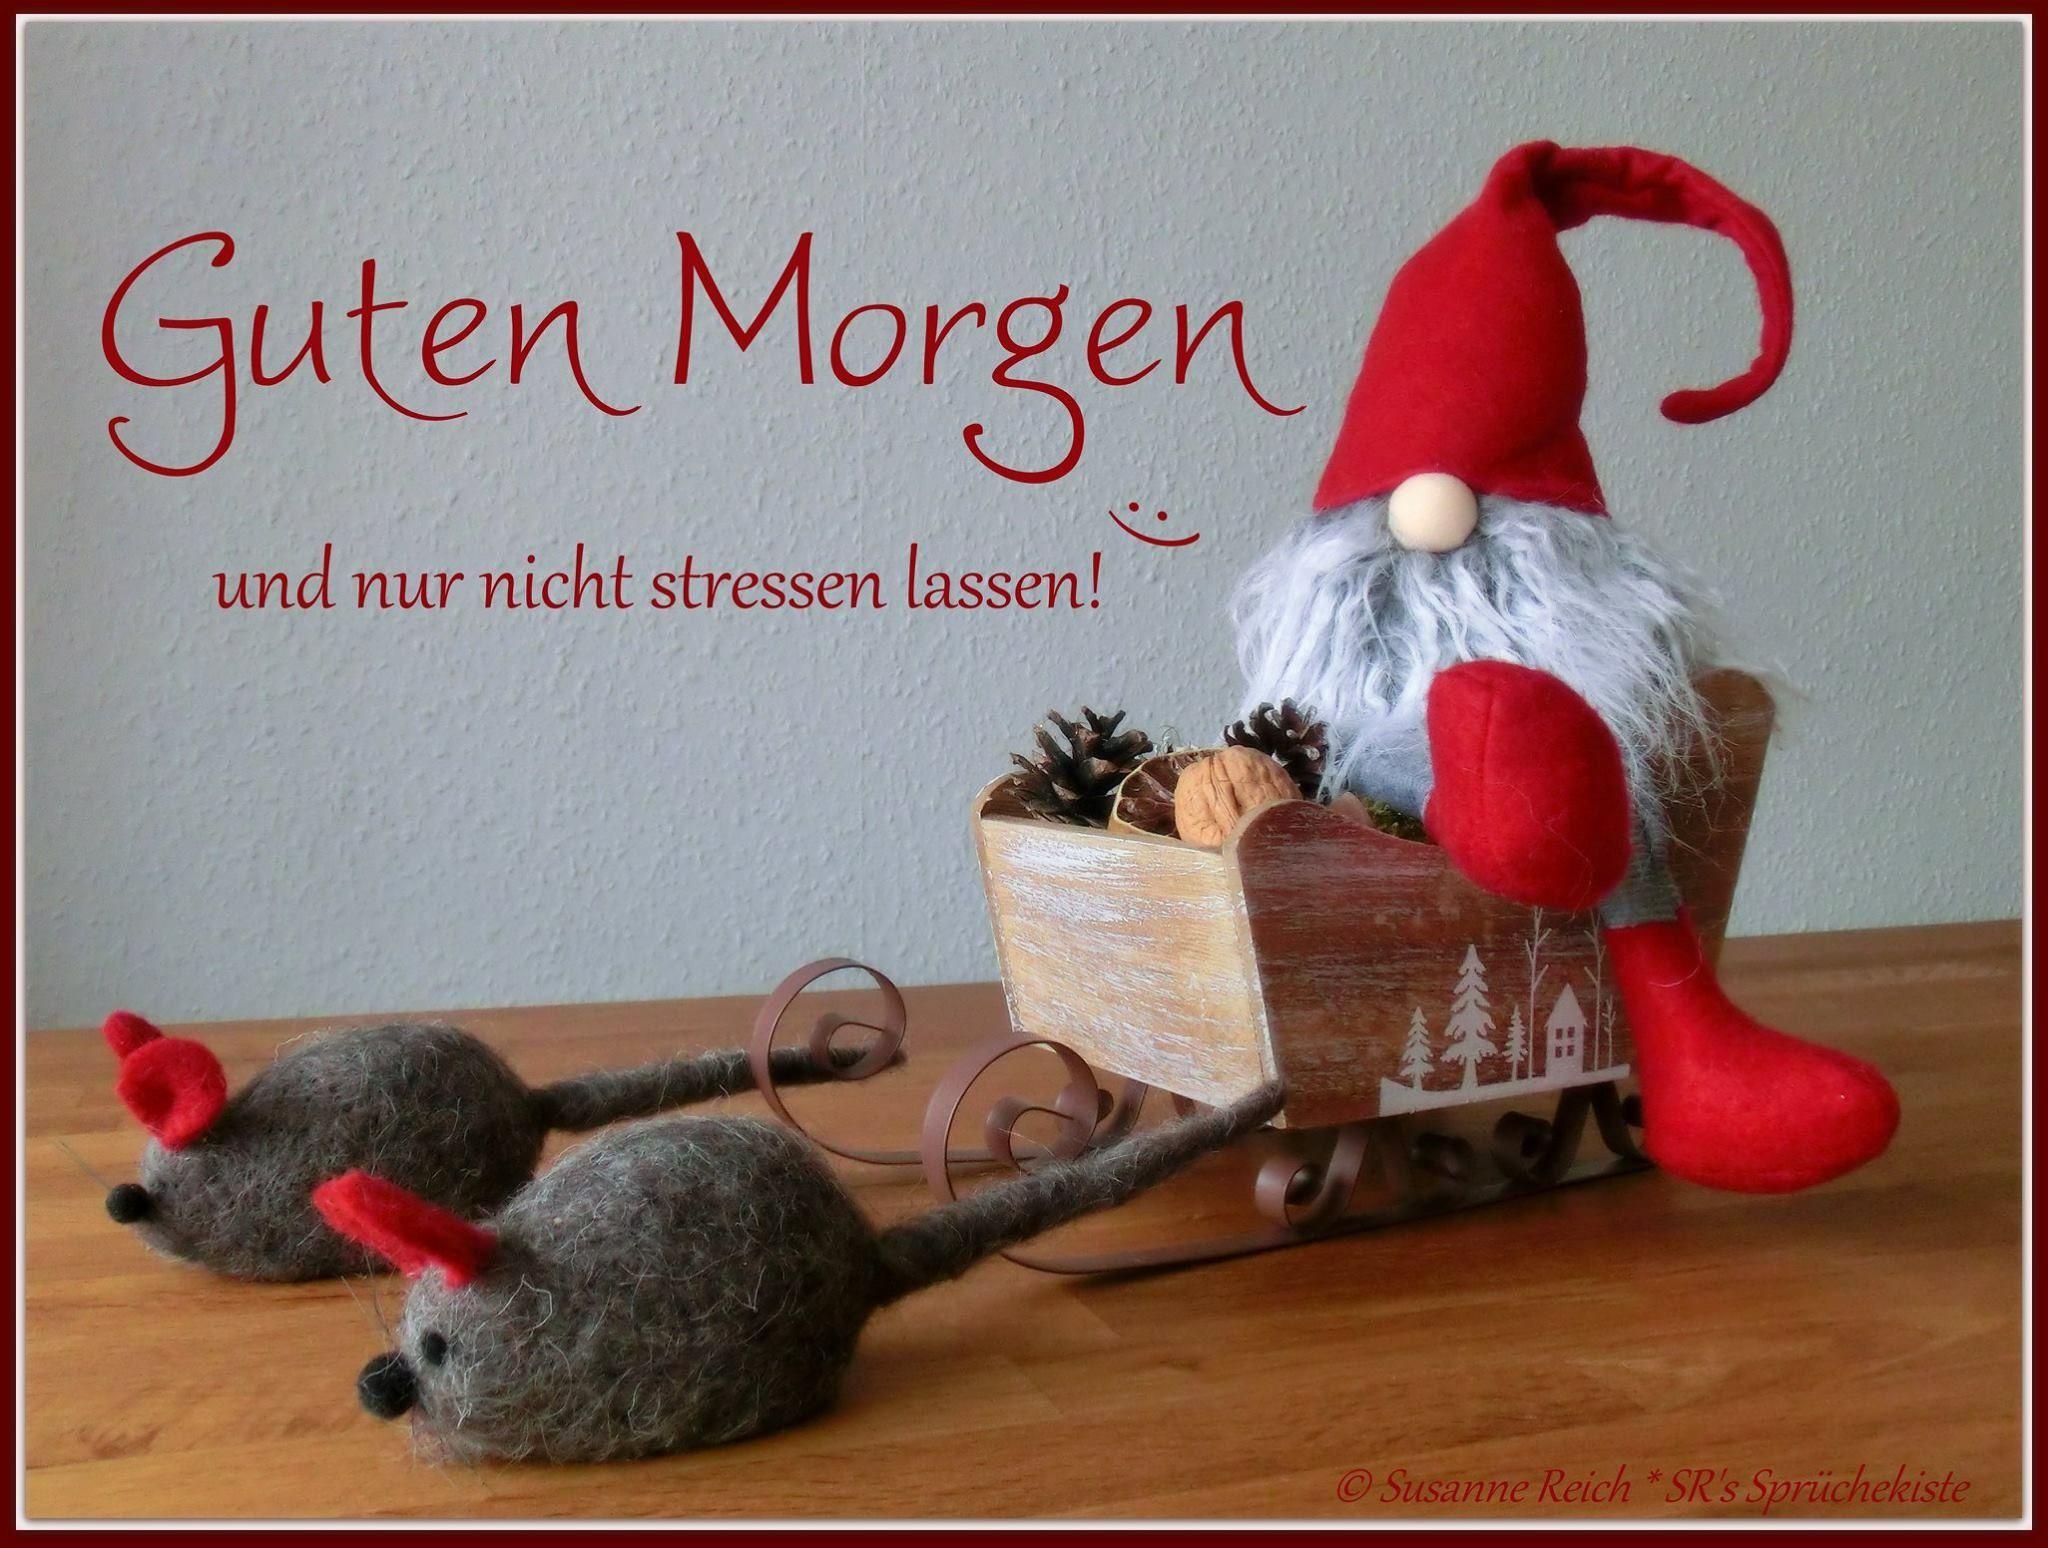 Guten Morgen Guten Morgen Bilder Weihnachten Guten Morgen